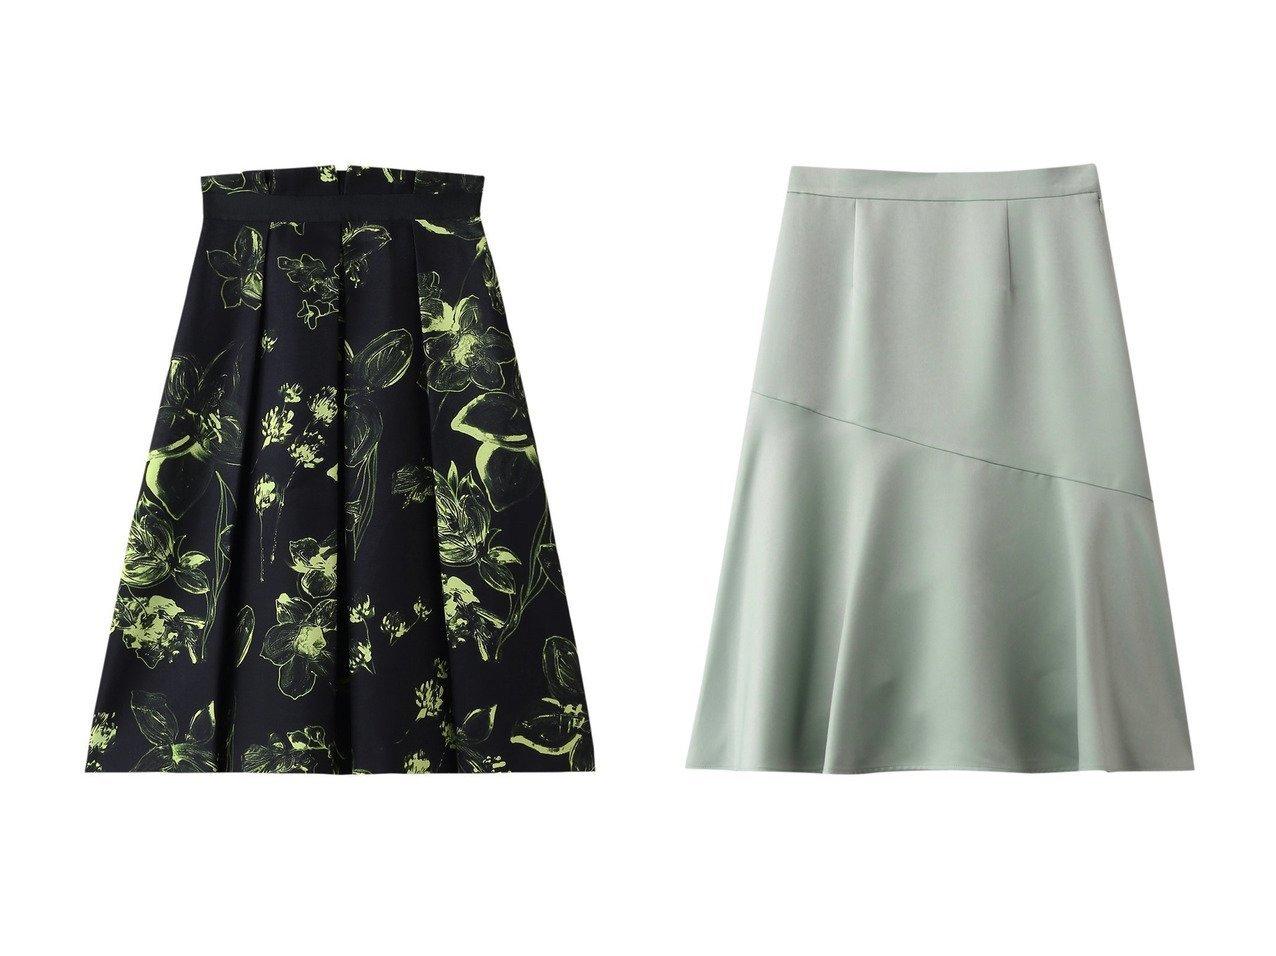 【ANAYI/アナイ】のキモウサテンセミフレアスカート&ネオンフラワーPTタックスカート スカートのおすすめ!人気、トレンド・レディースファッションの通販 おすすめで人気の流行・トレンド、ファッションの通販商品 メンズファッション・キッズファッション・インテリア・家具・レディースファッション・服の通販 founy(ファニー) https://founy.com/ ファッション Fashion レディースファッション WOMEN スカート Skirt Aライン/フレアスカート Flared A-Line Skirts ドレス ネオン フラワー ミックス 再入荷 Restock/Back in Stock/Re Arrival |ID:crp329100000012906